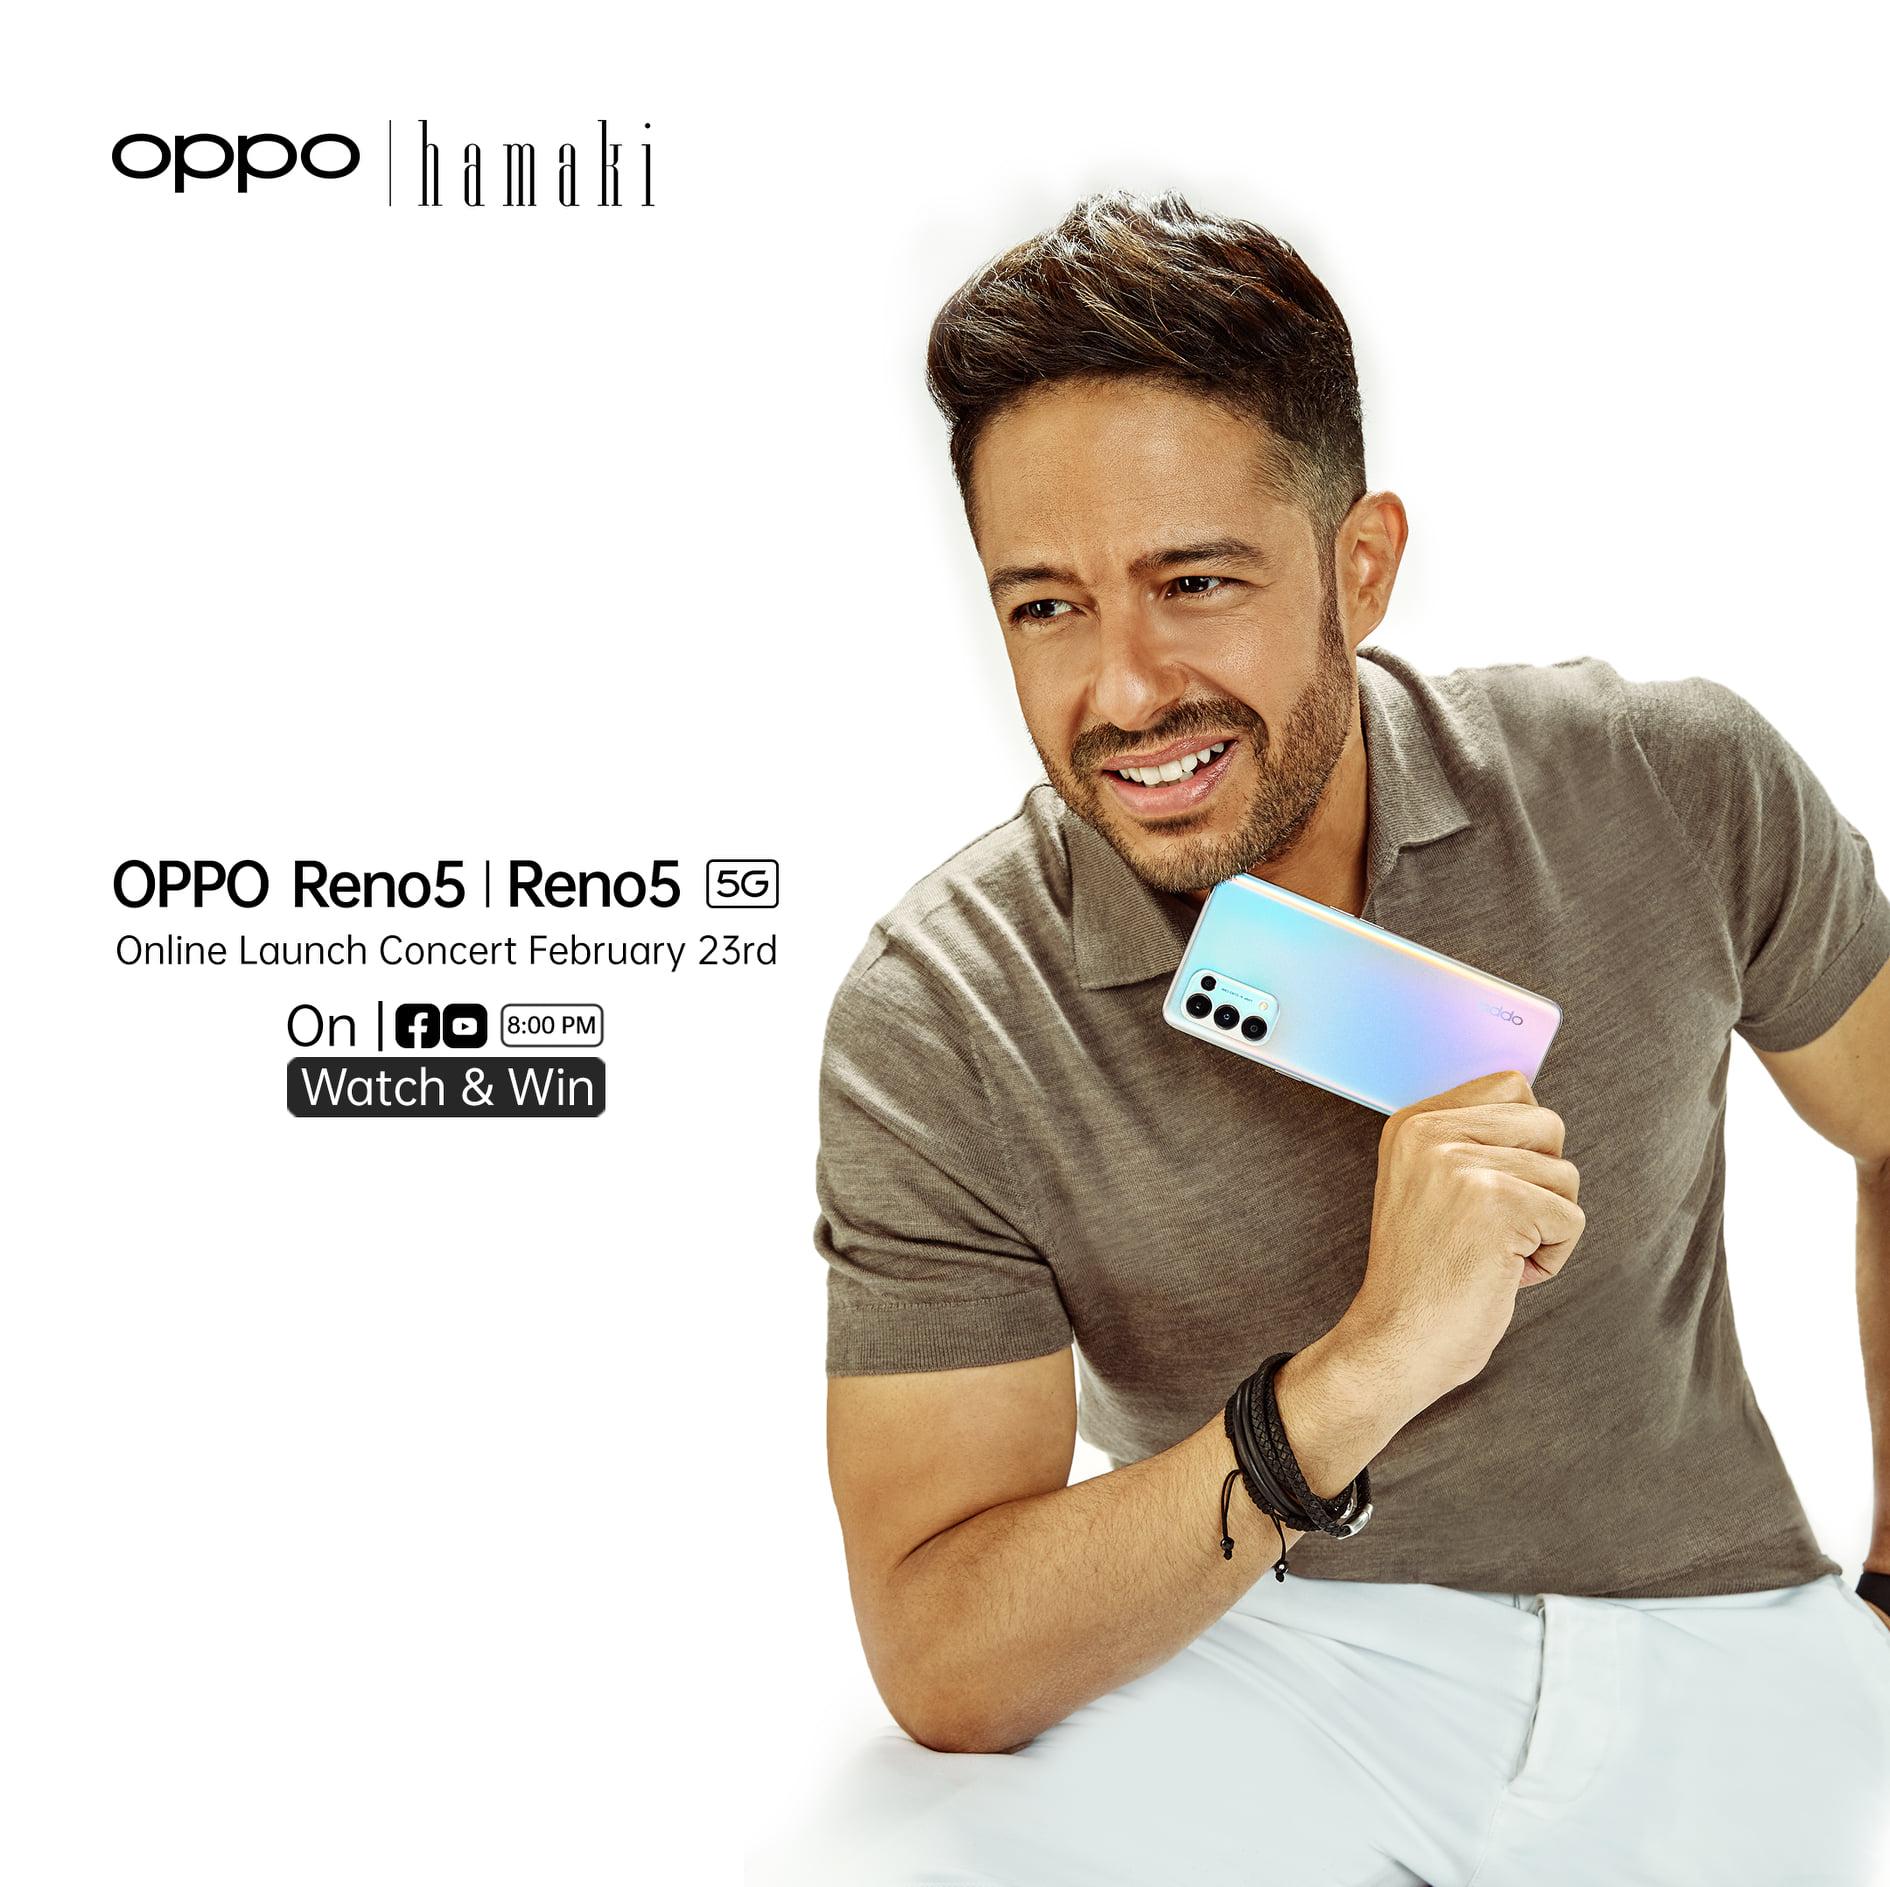 متابعة الإعلان عن هواتف Oppo Reno5 في السوق المصري